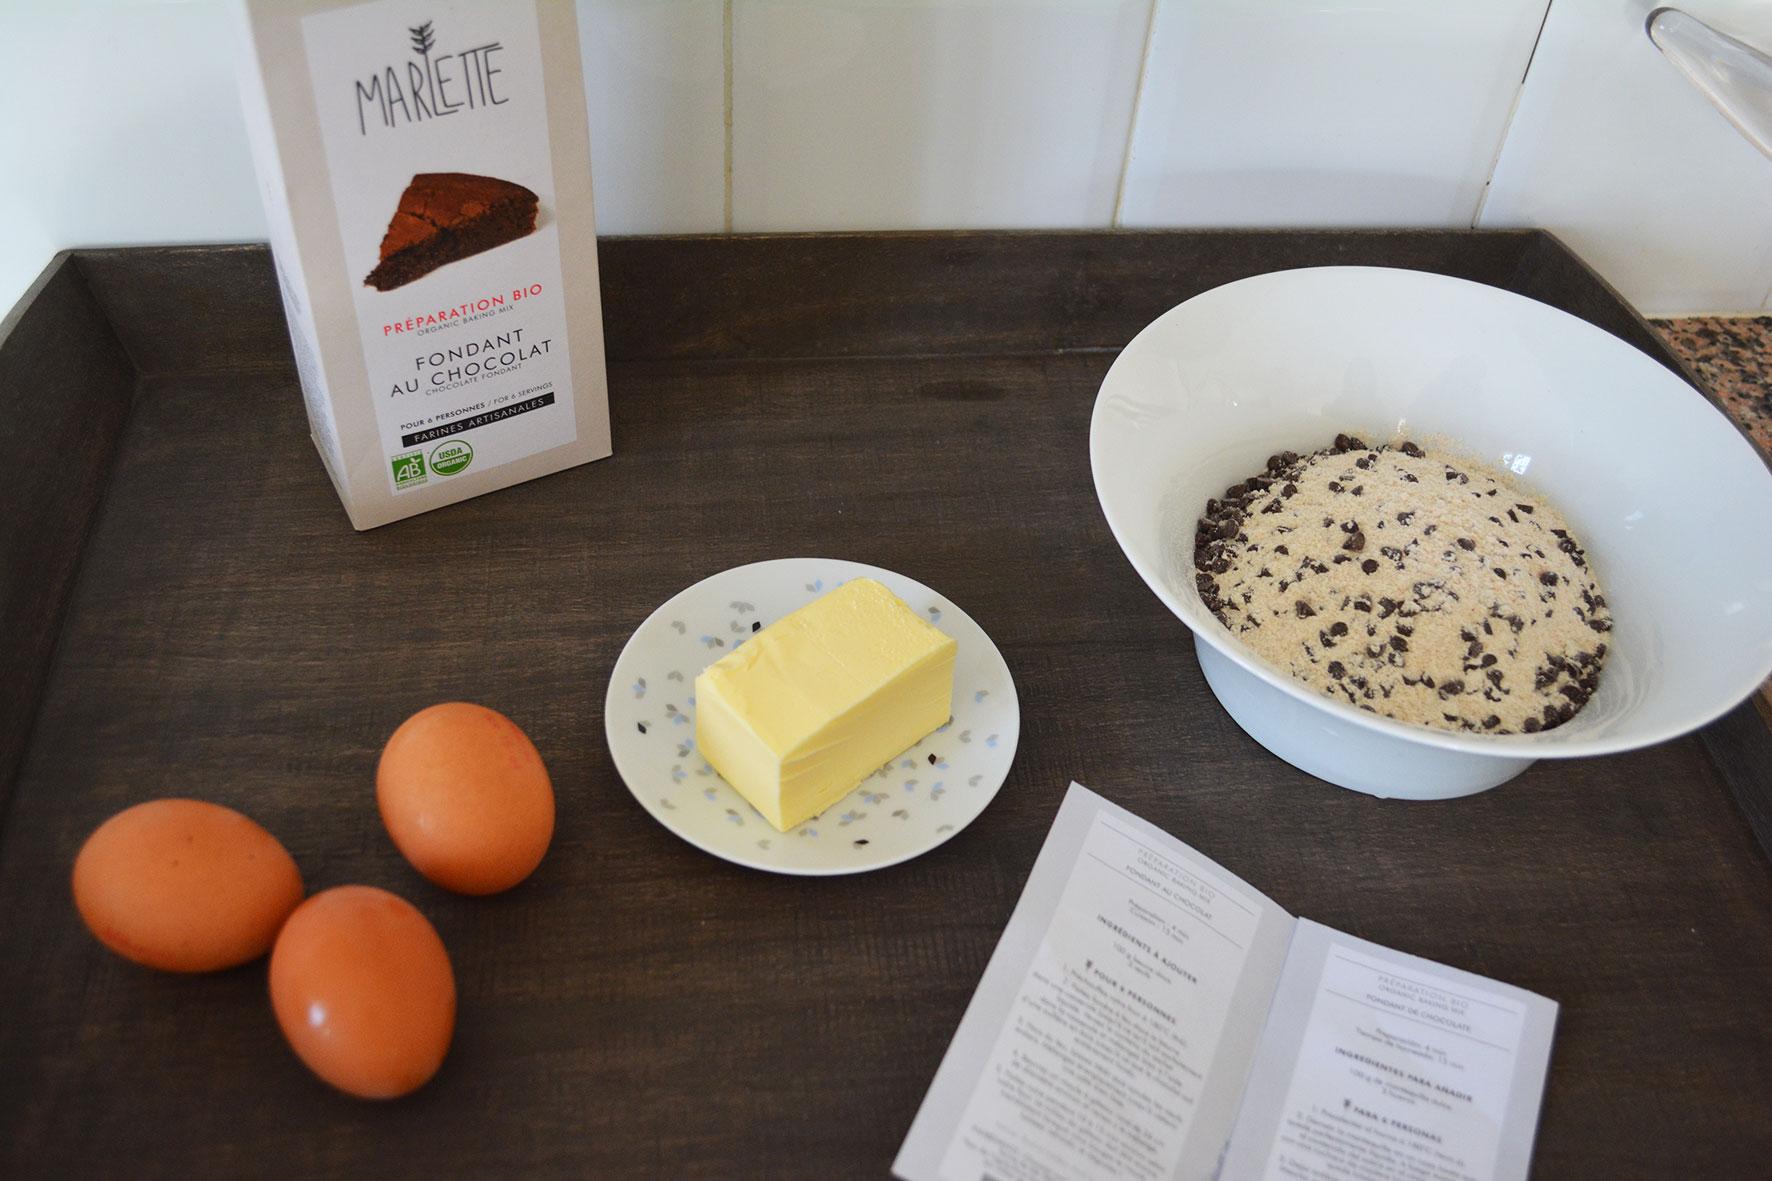 Marlette préparation bio